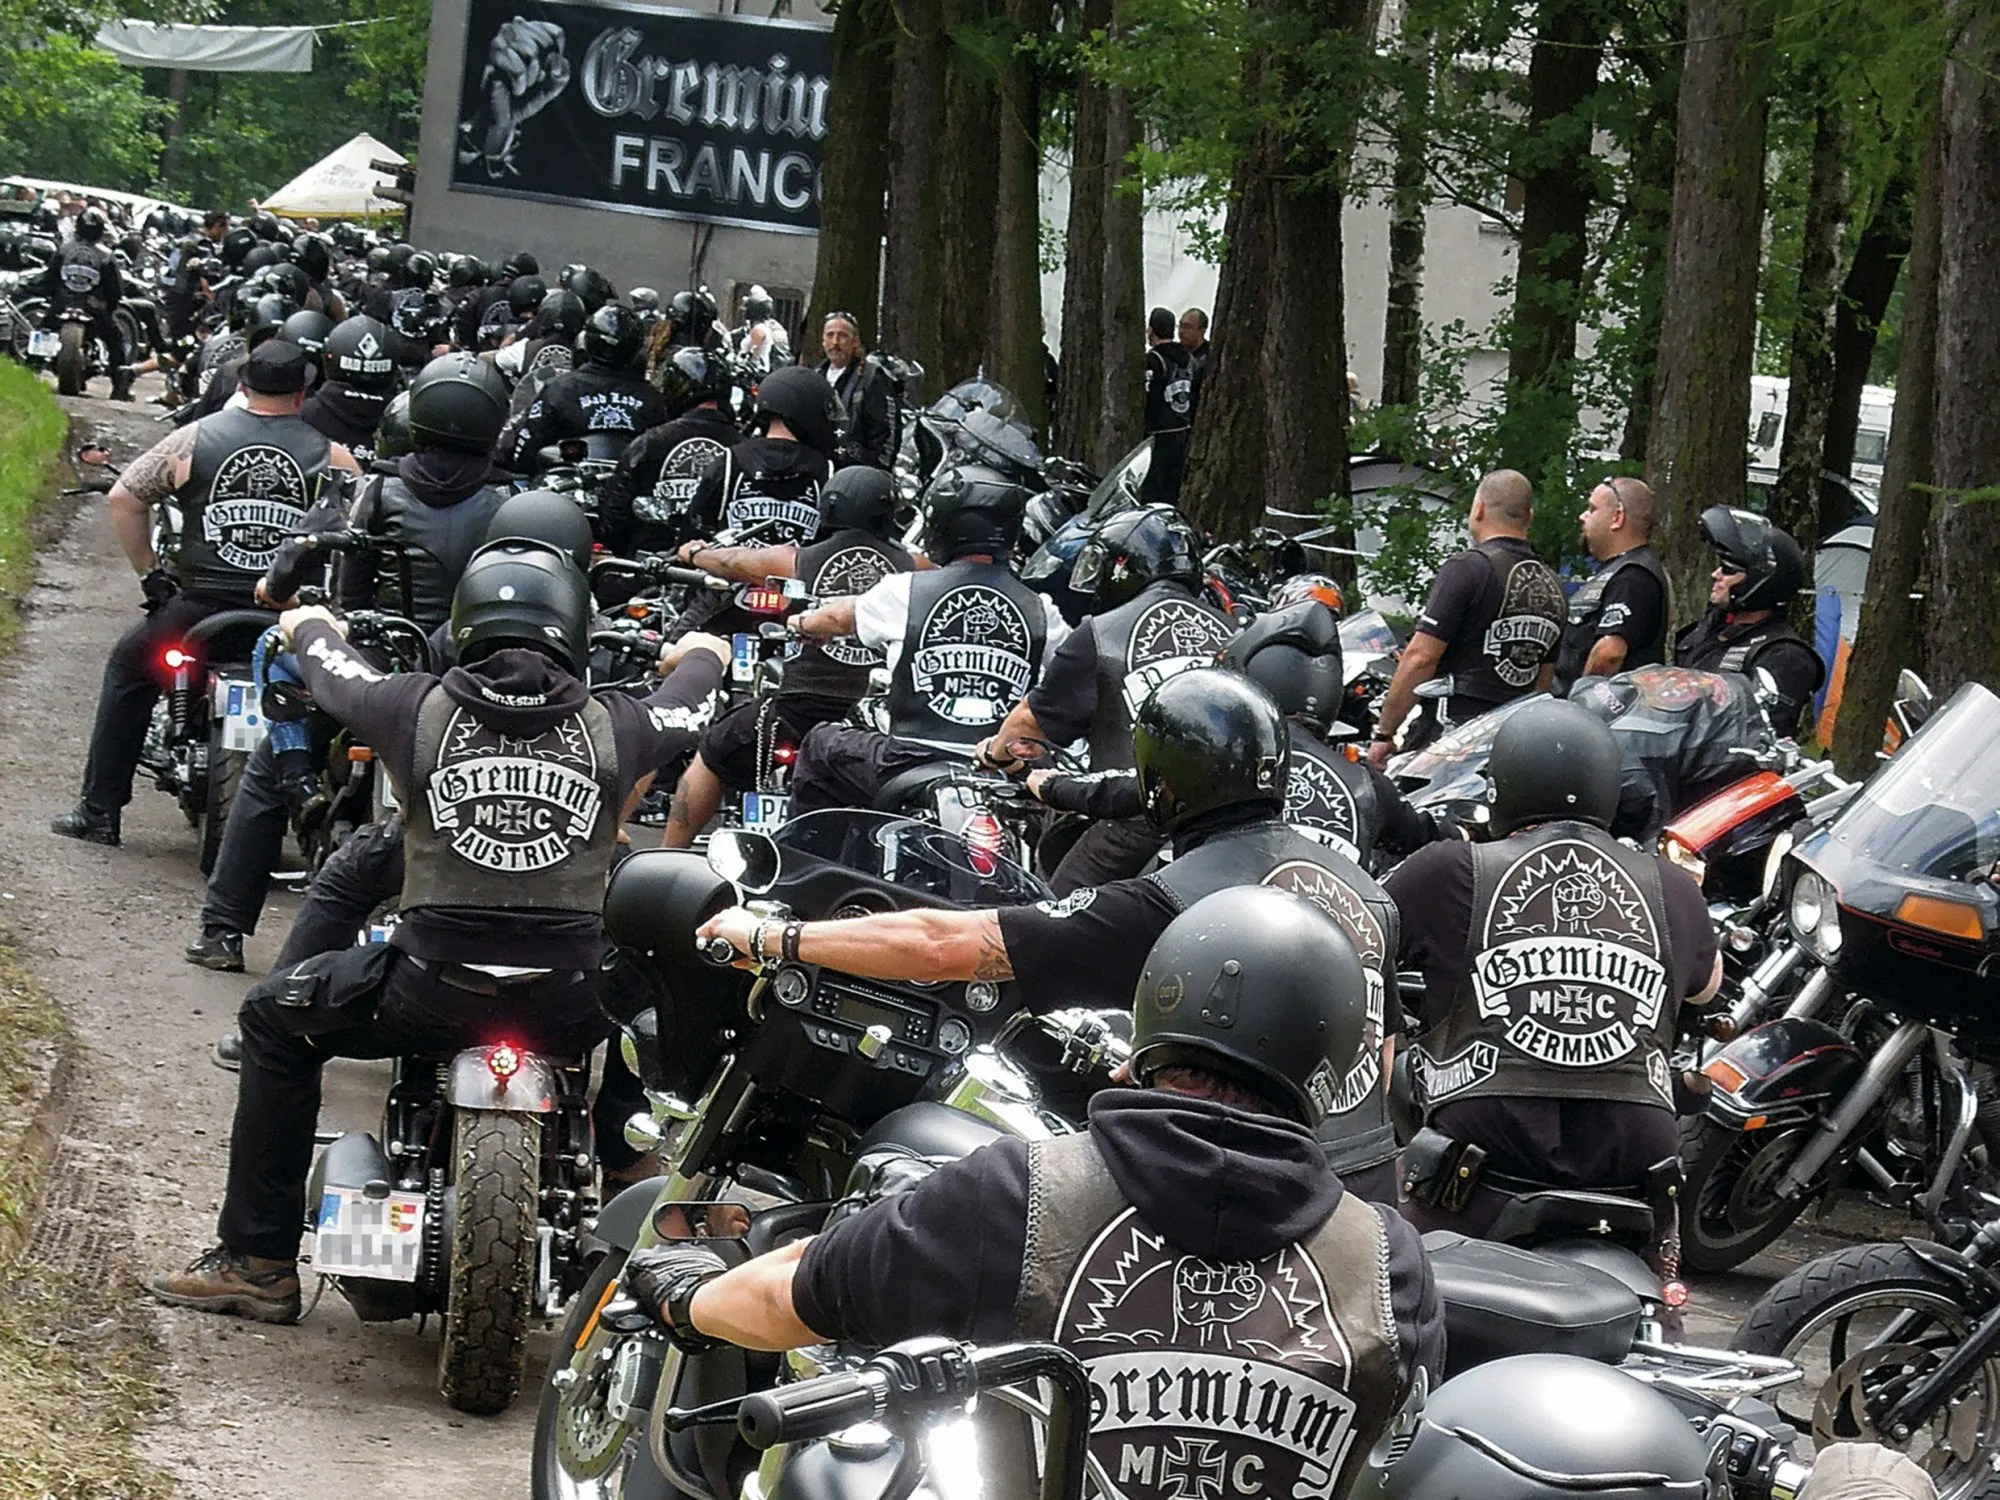 Gremium biker gang